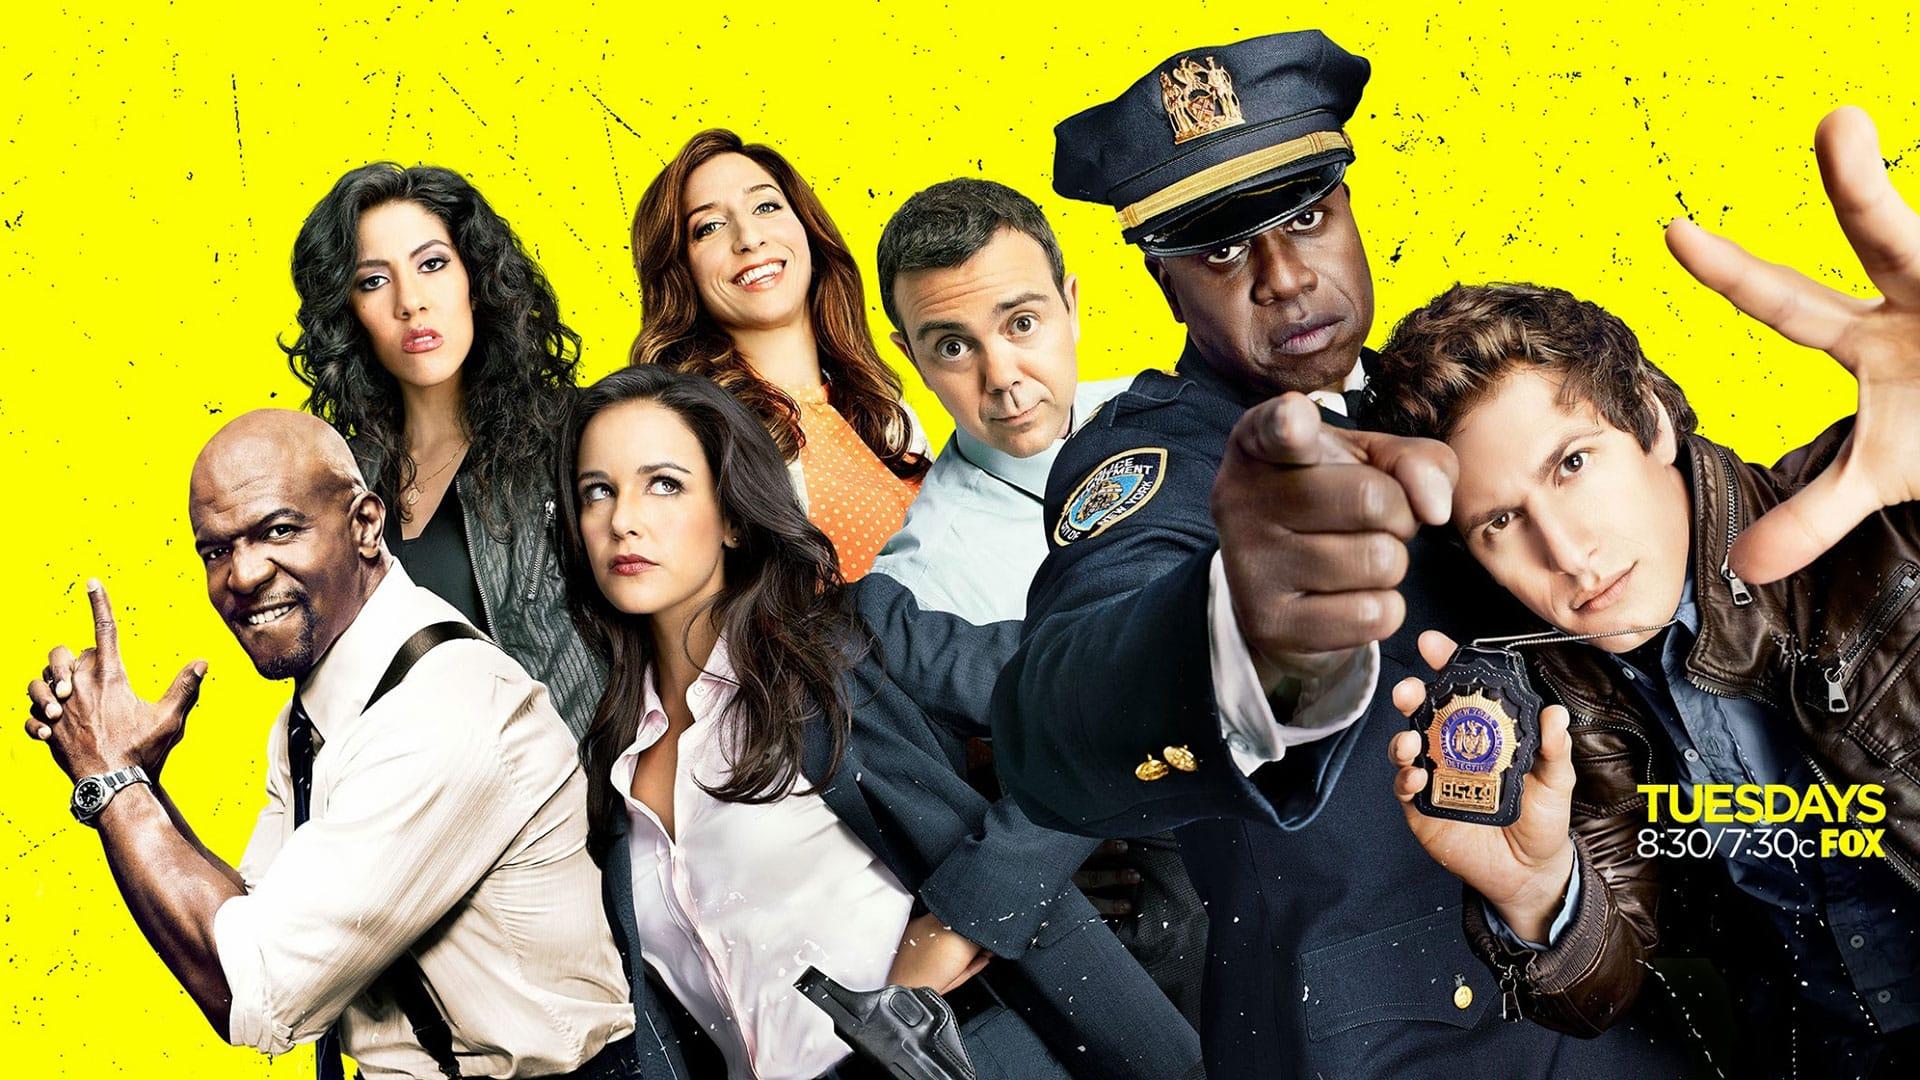 Brooklyn Nine Nine: humor e originalidade em uma série policial atípica